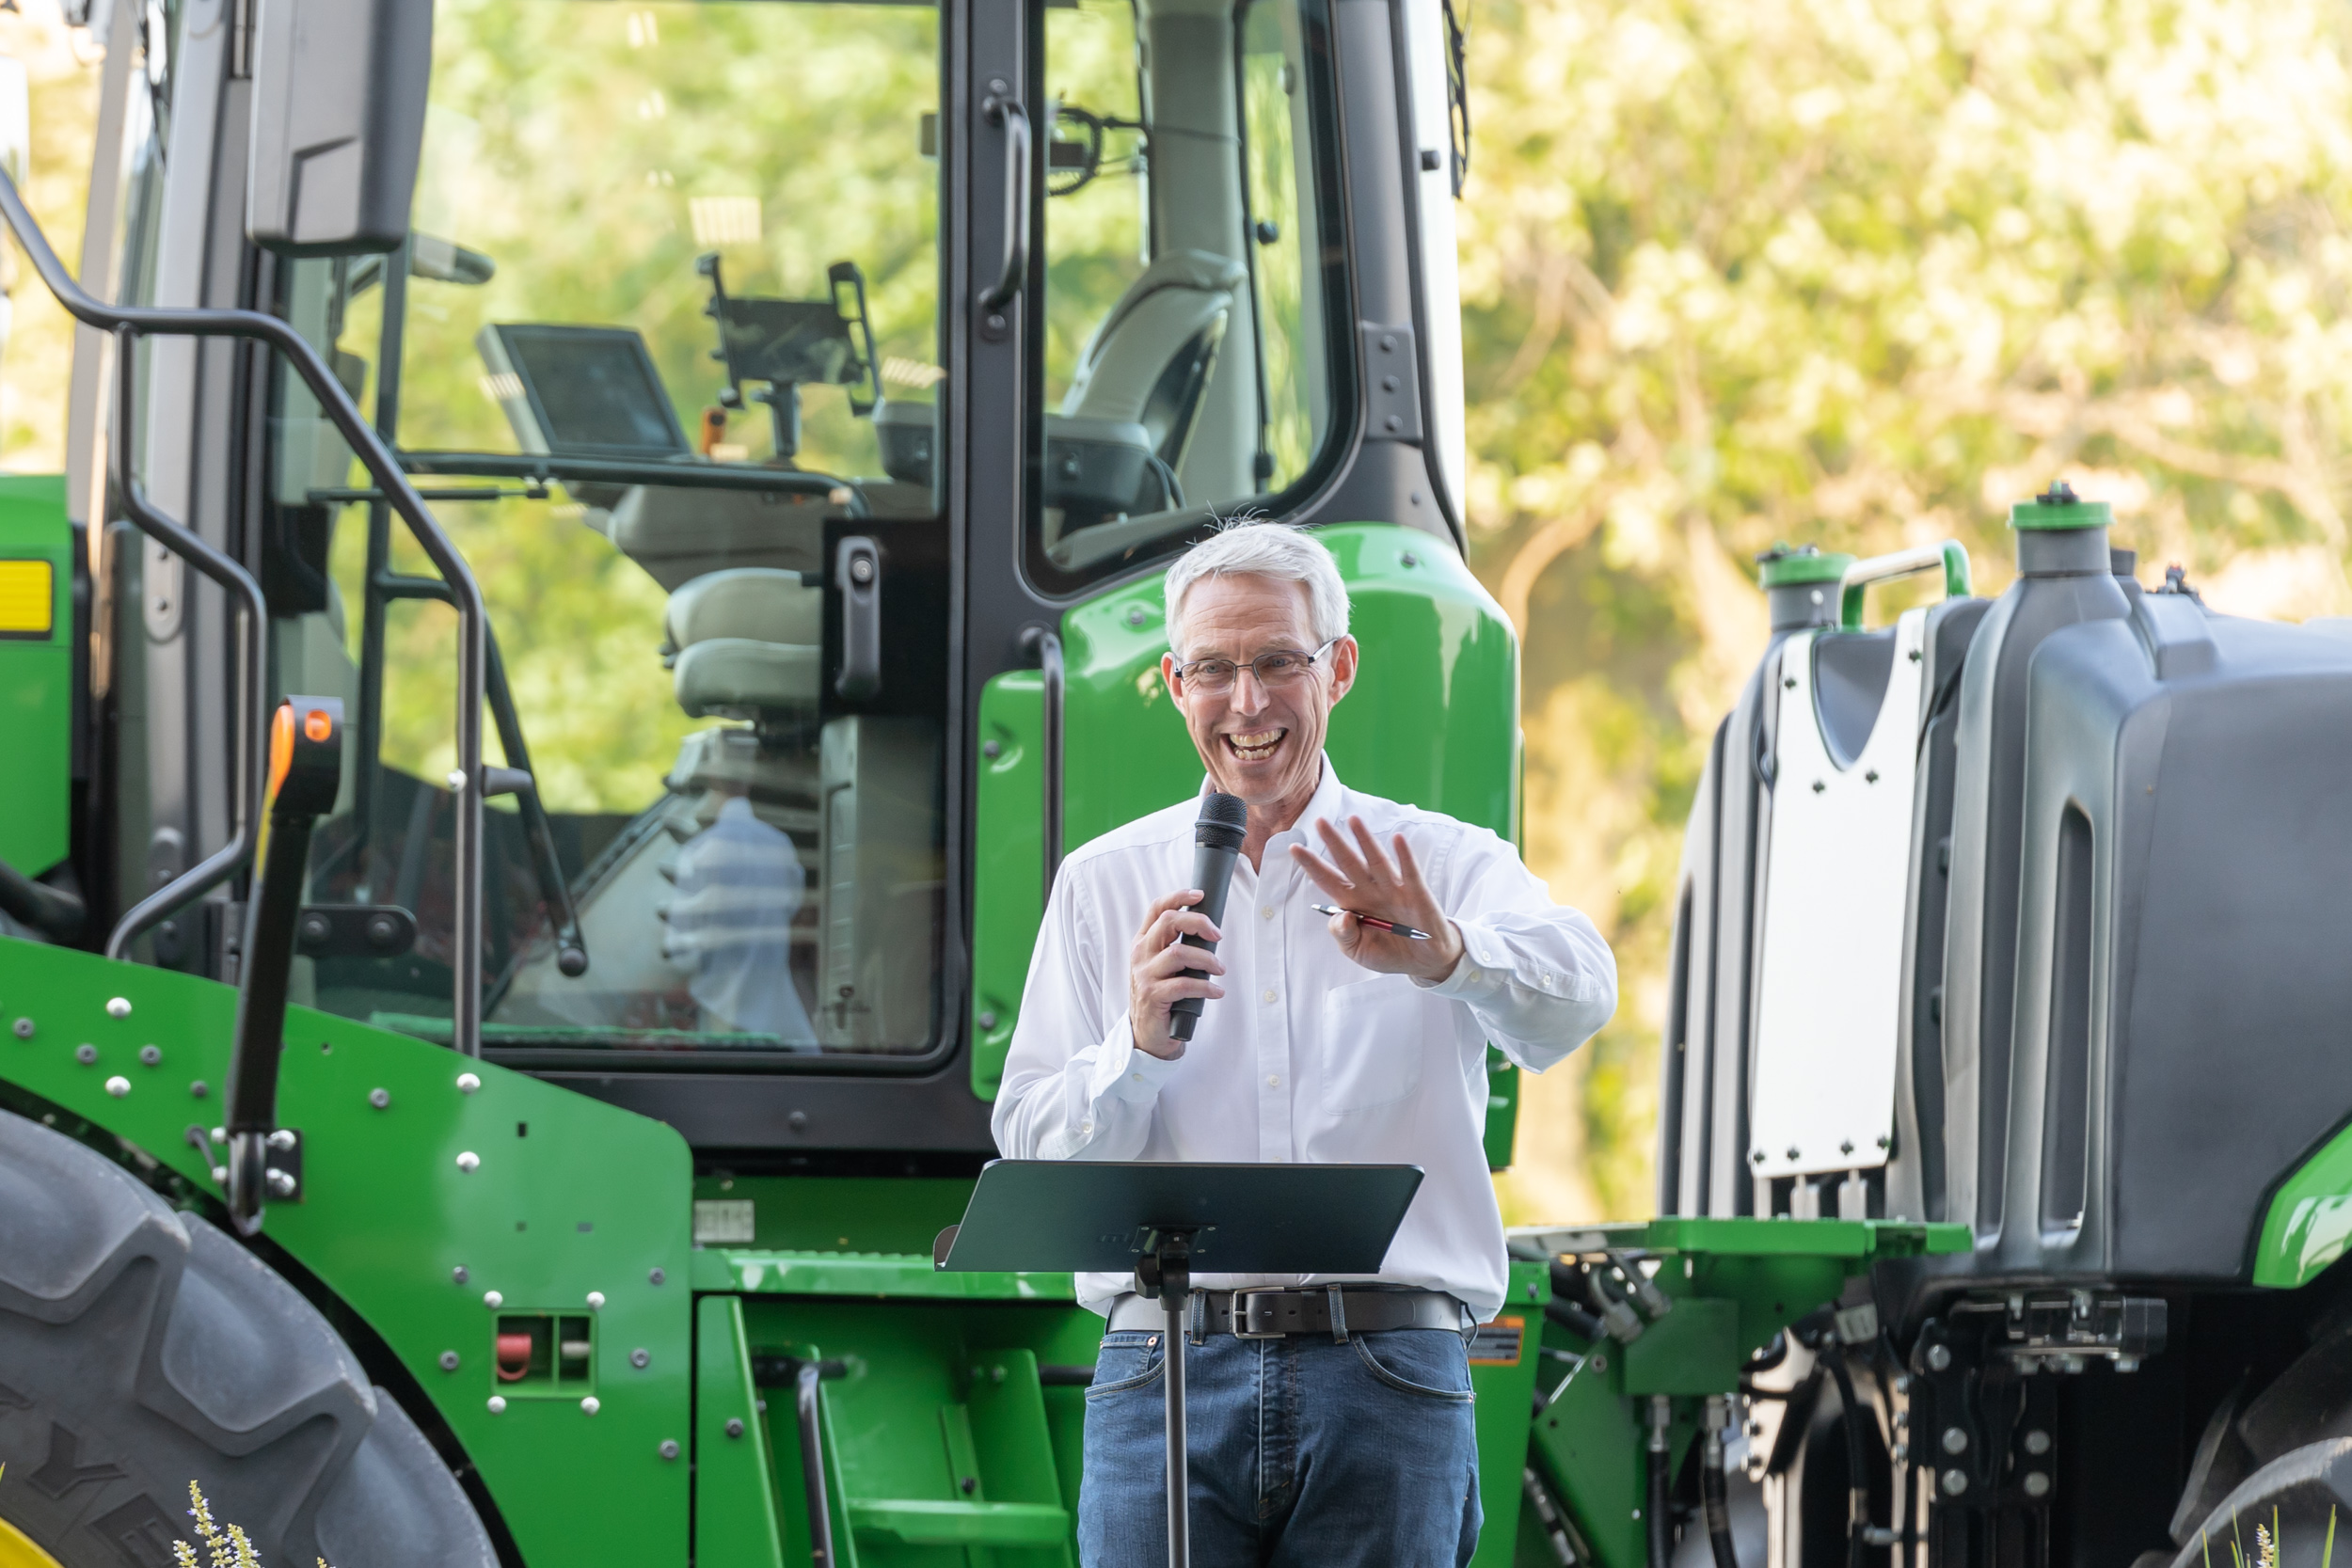 IL State Representative Brad Halbrook Down on the Farm